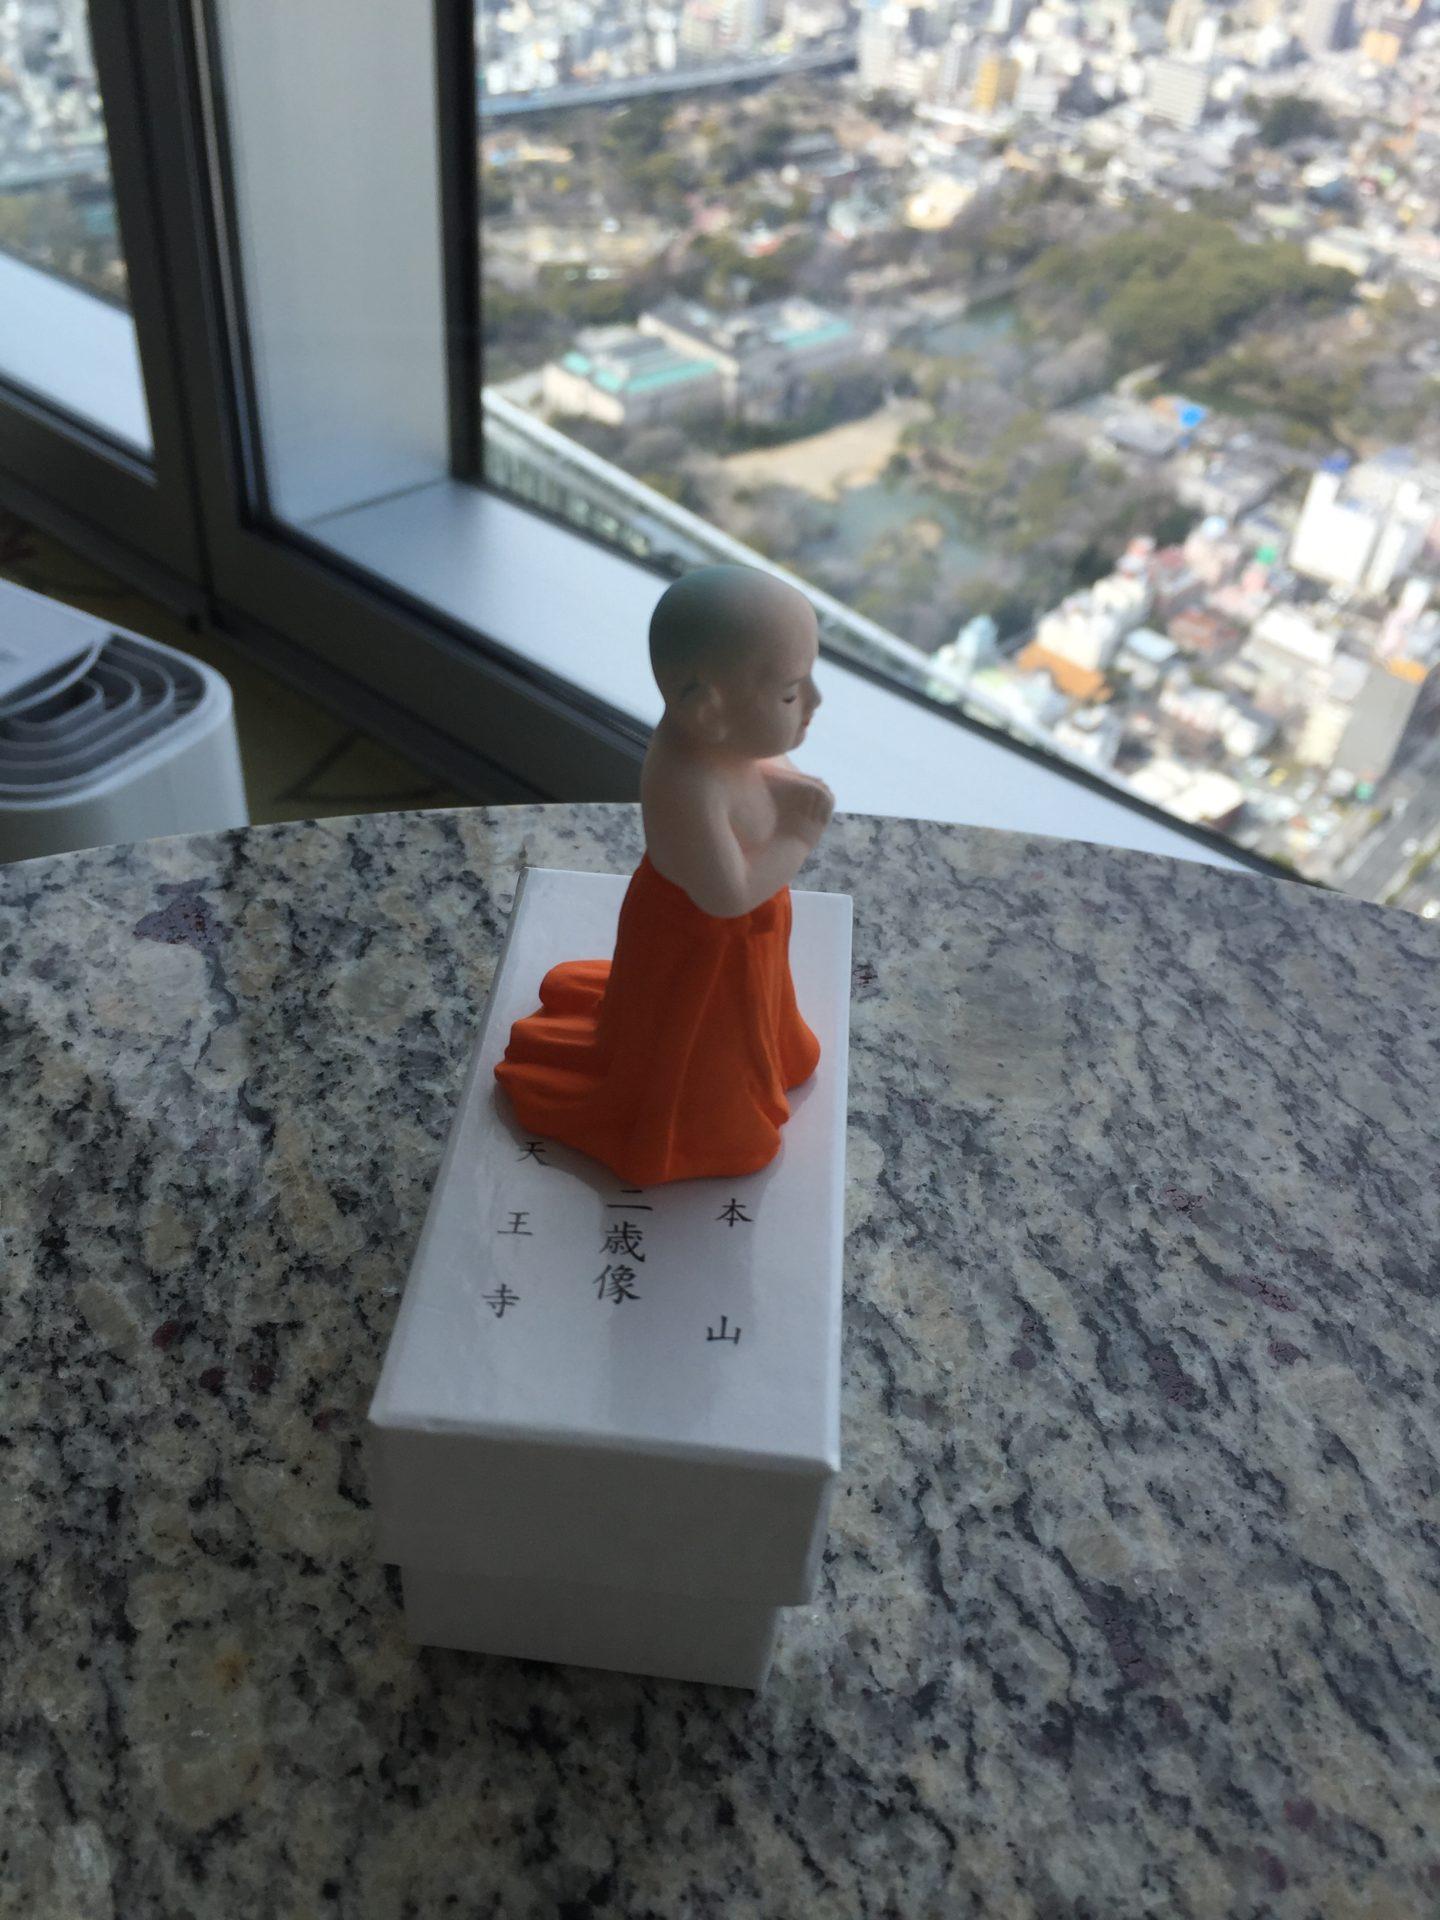 大阪にてメンテナンスセッションを受けてきました。